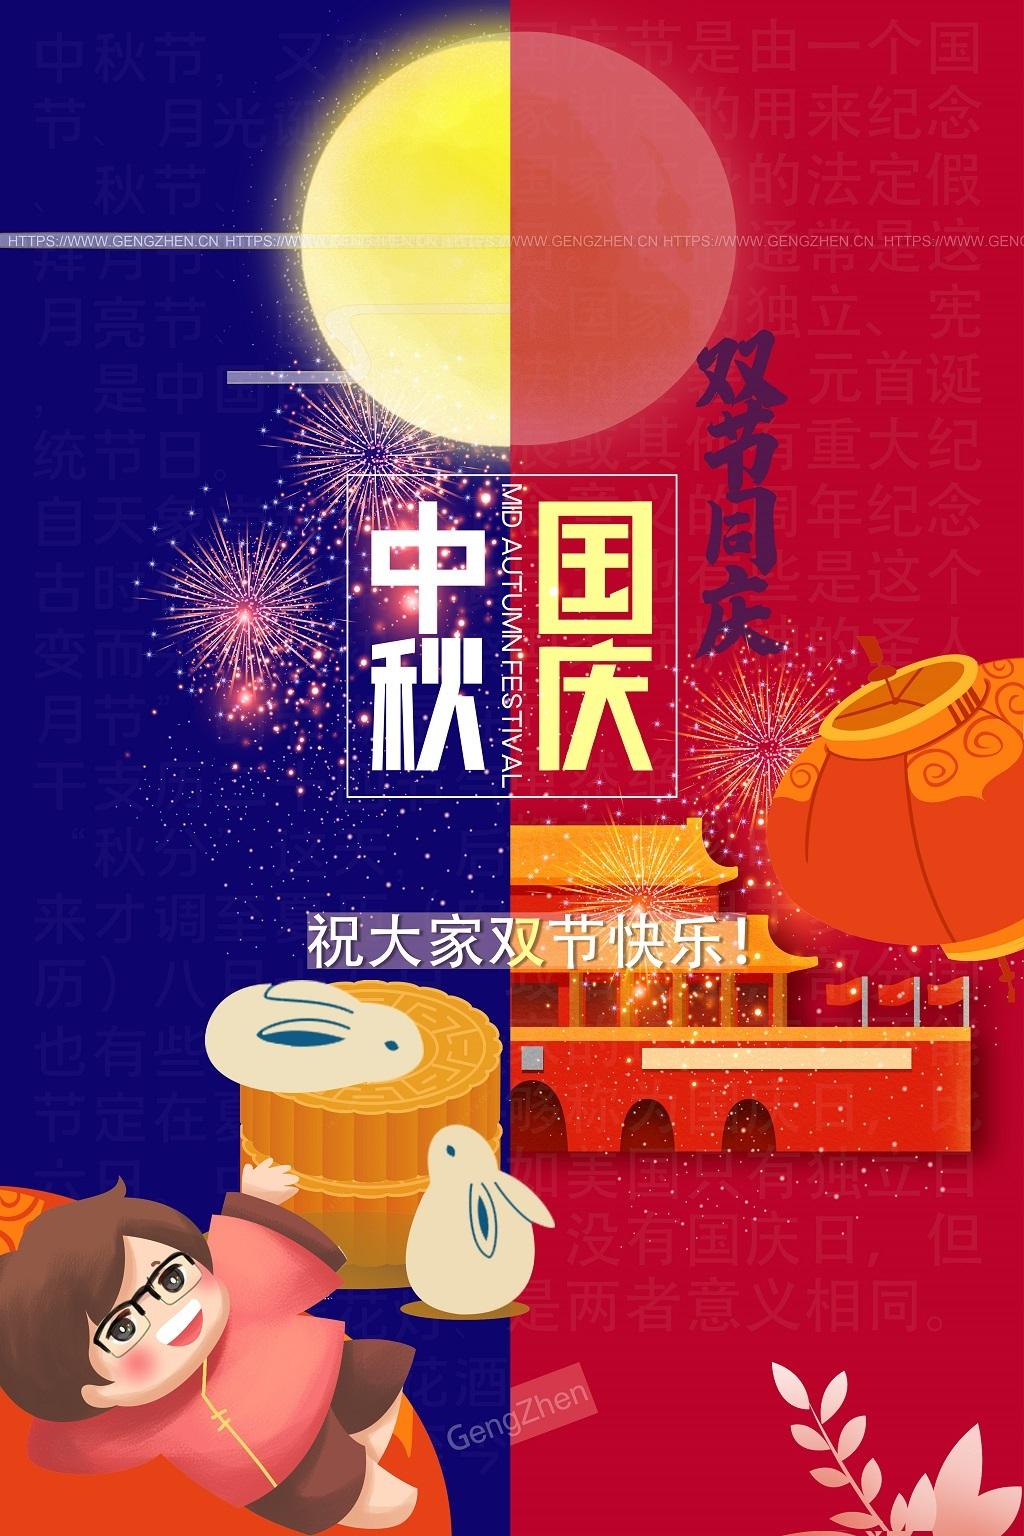 祝大家2020.10.1中秋&国庆双节快乐!